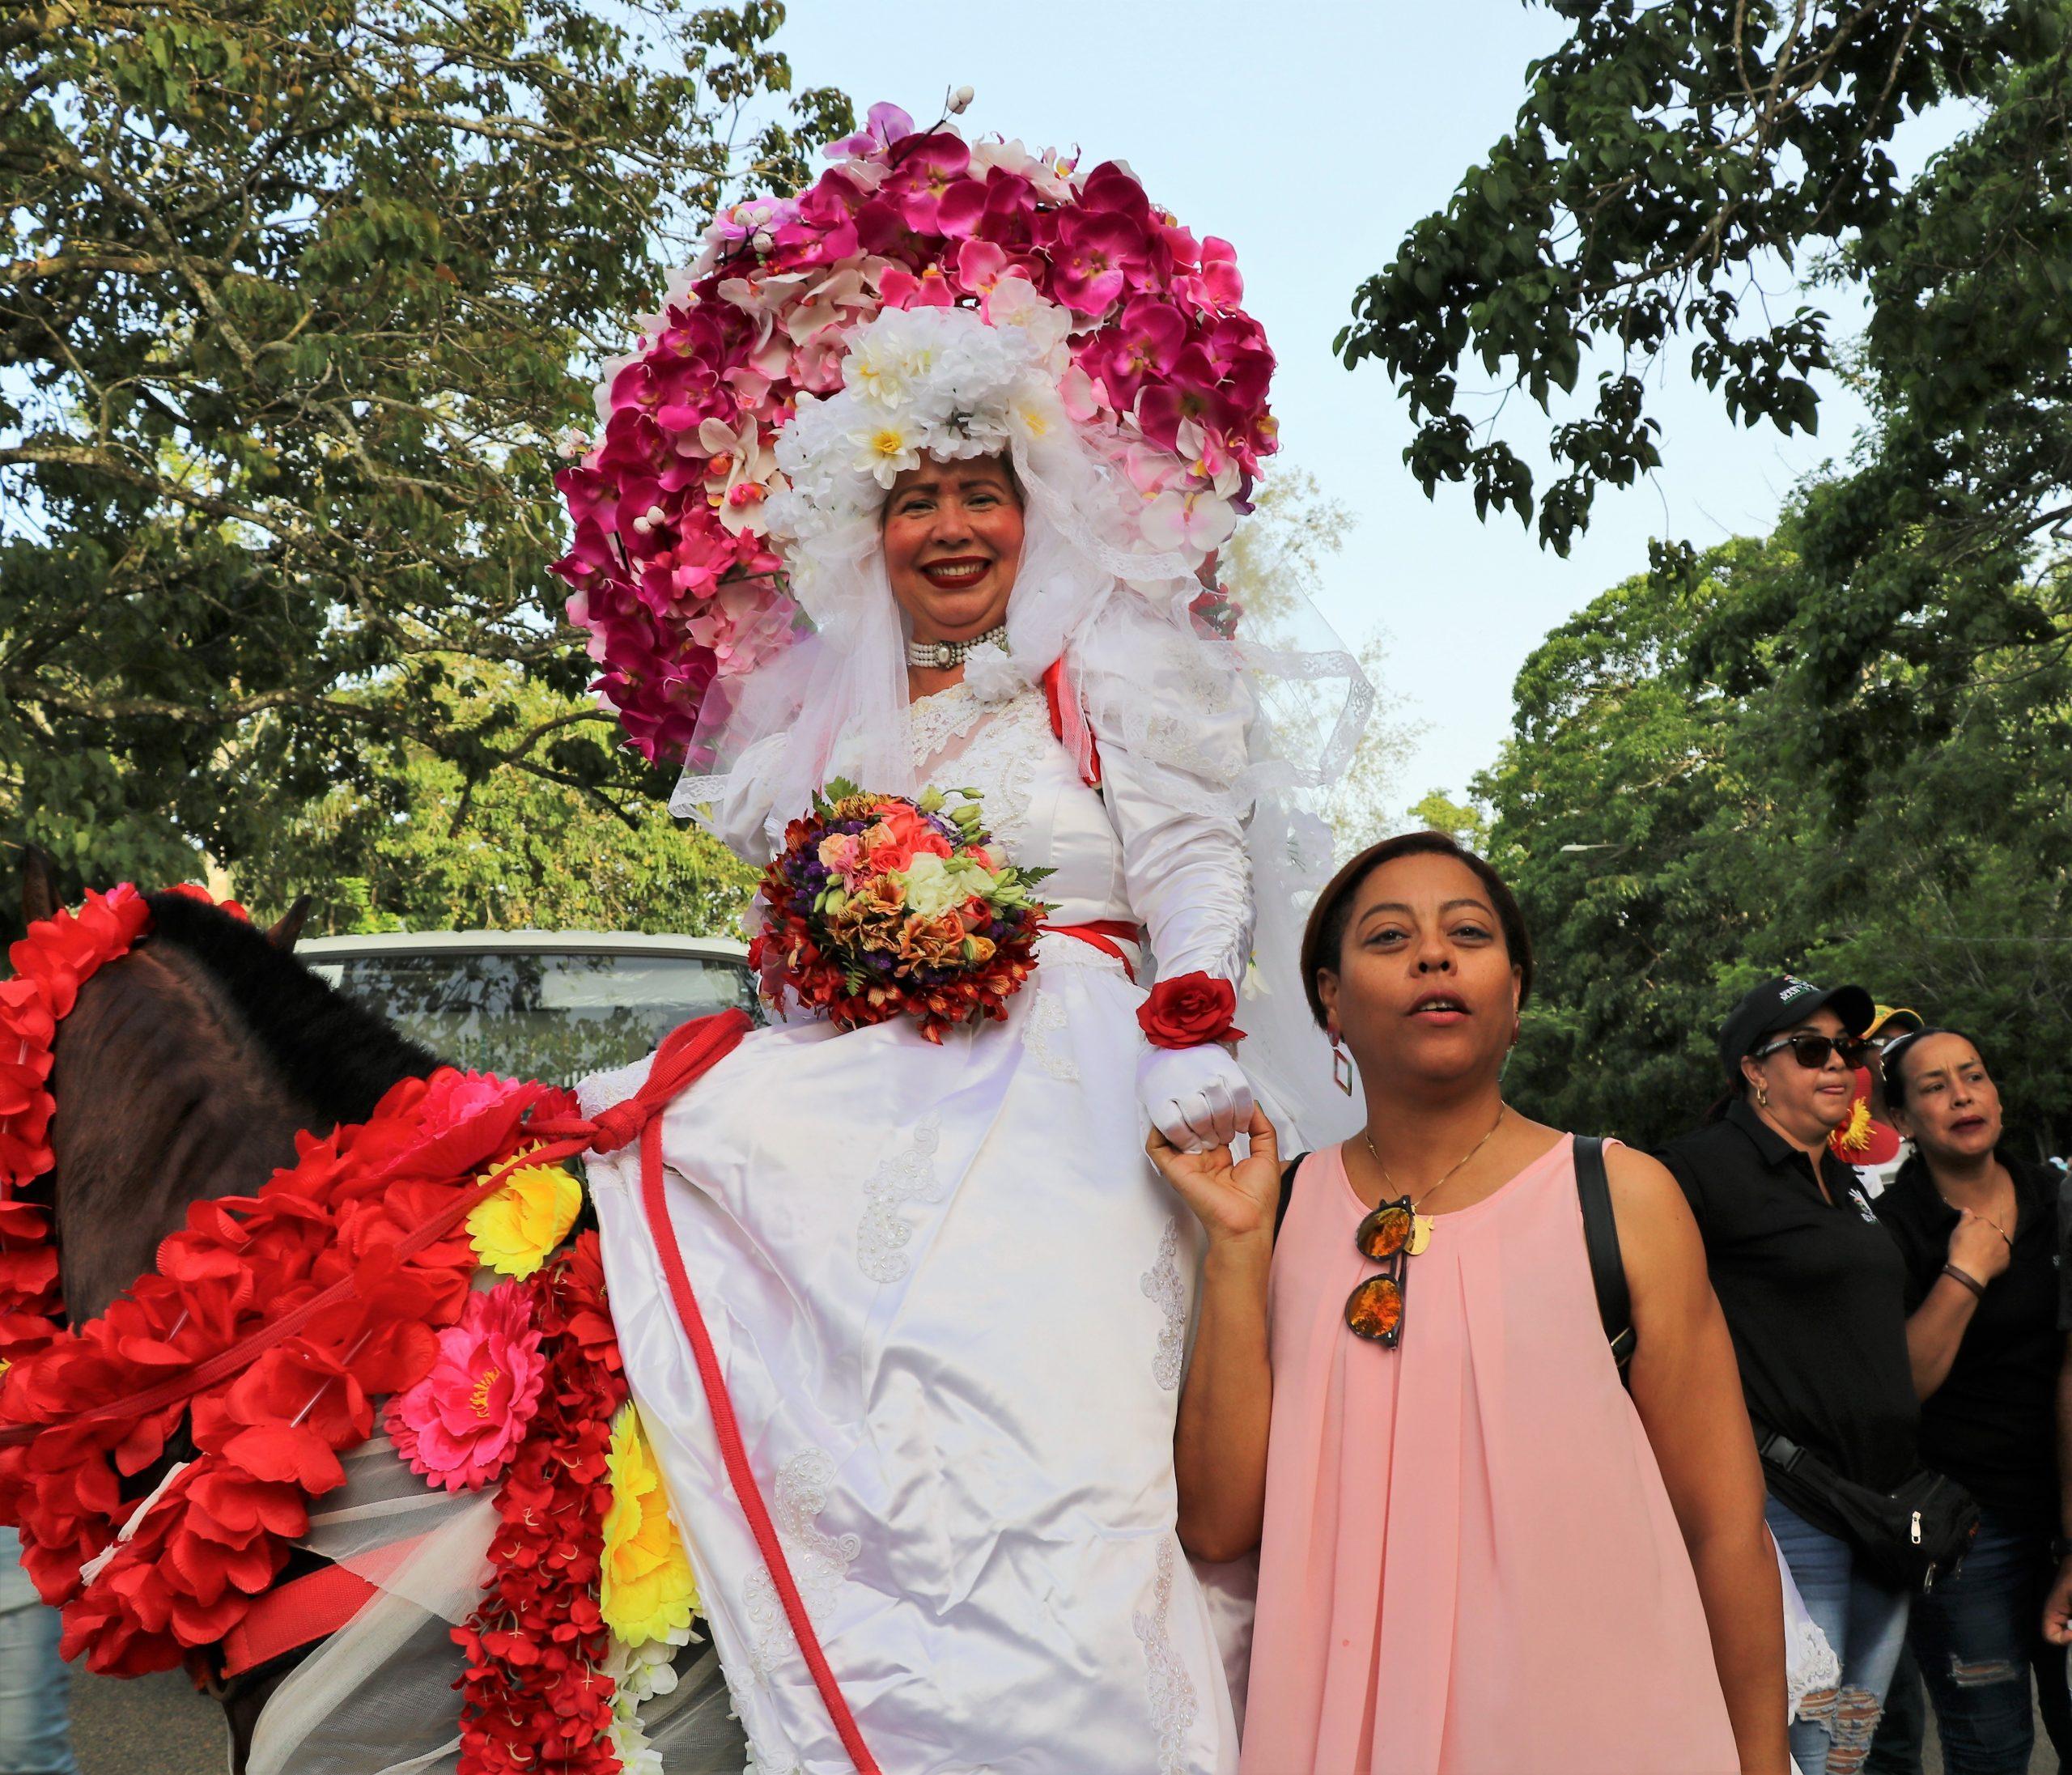 Festival de las Eunice Marmolejos en el Flores en Jarabacoa 2019